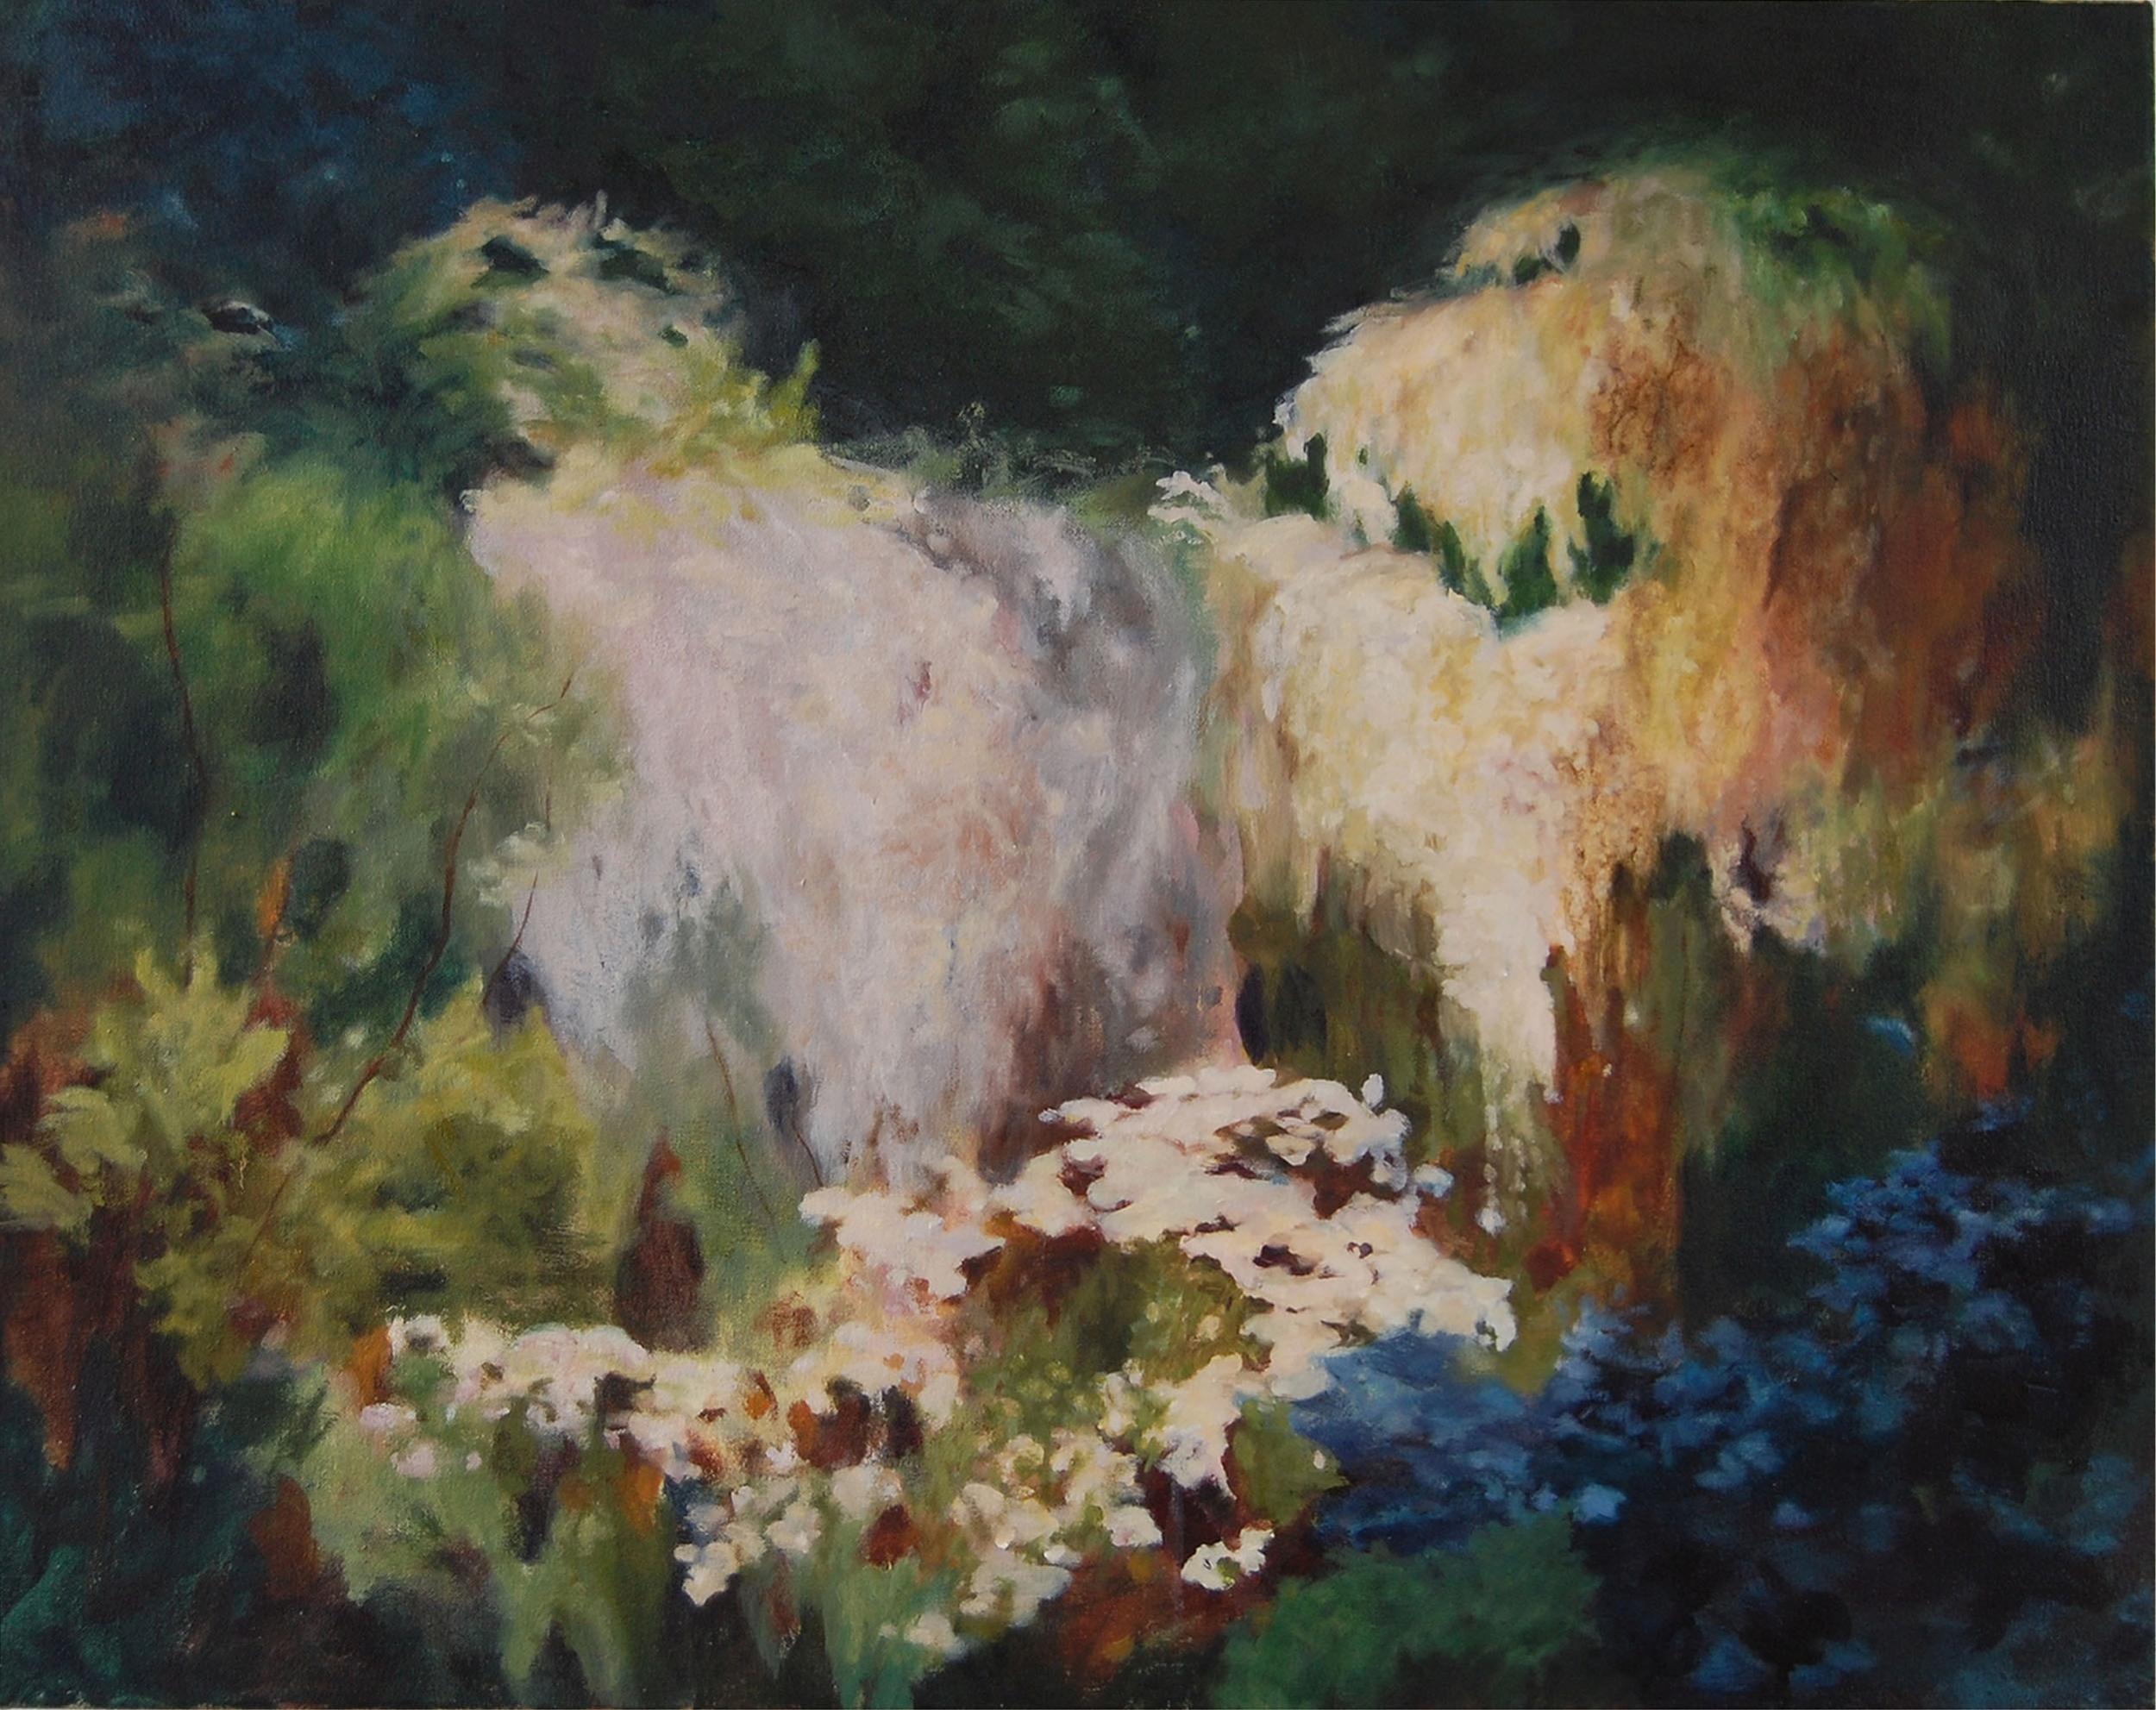 Cascade,  oil on canvas, 60 x 70 cm